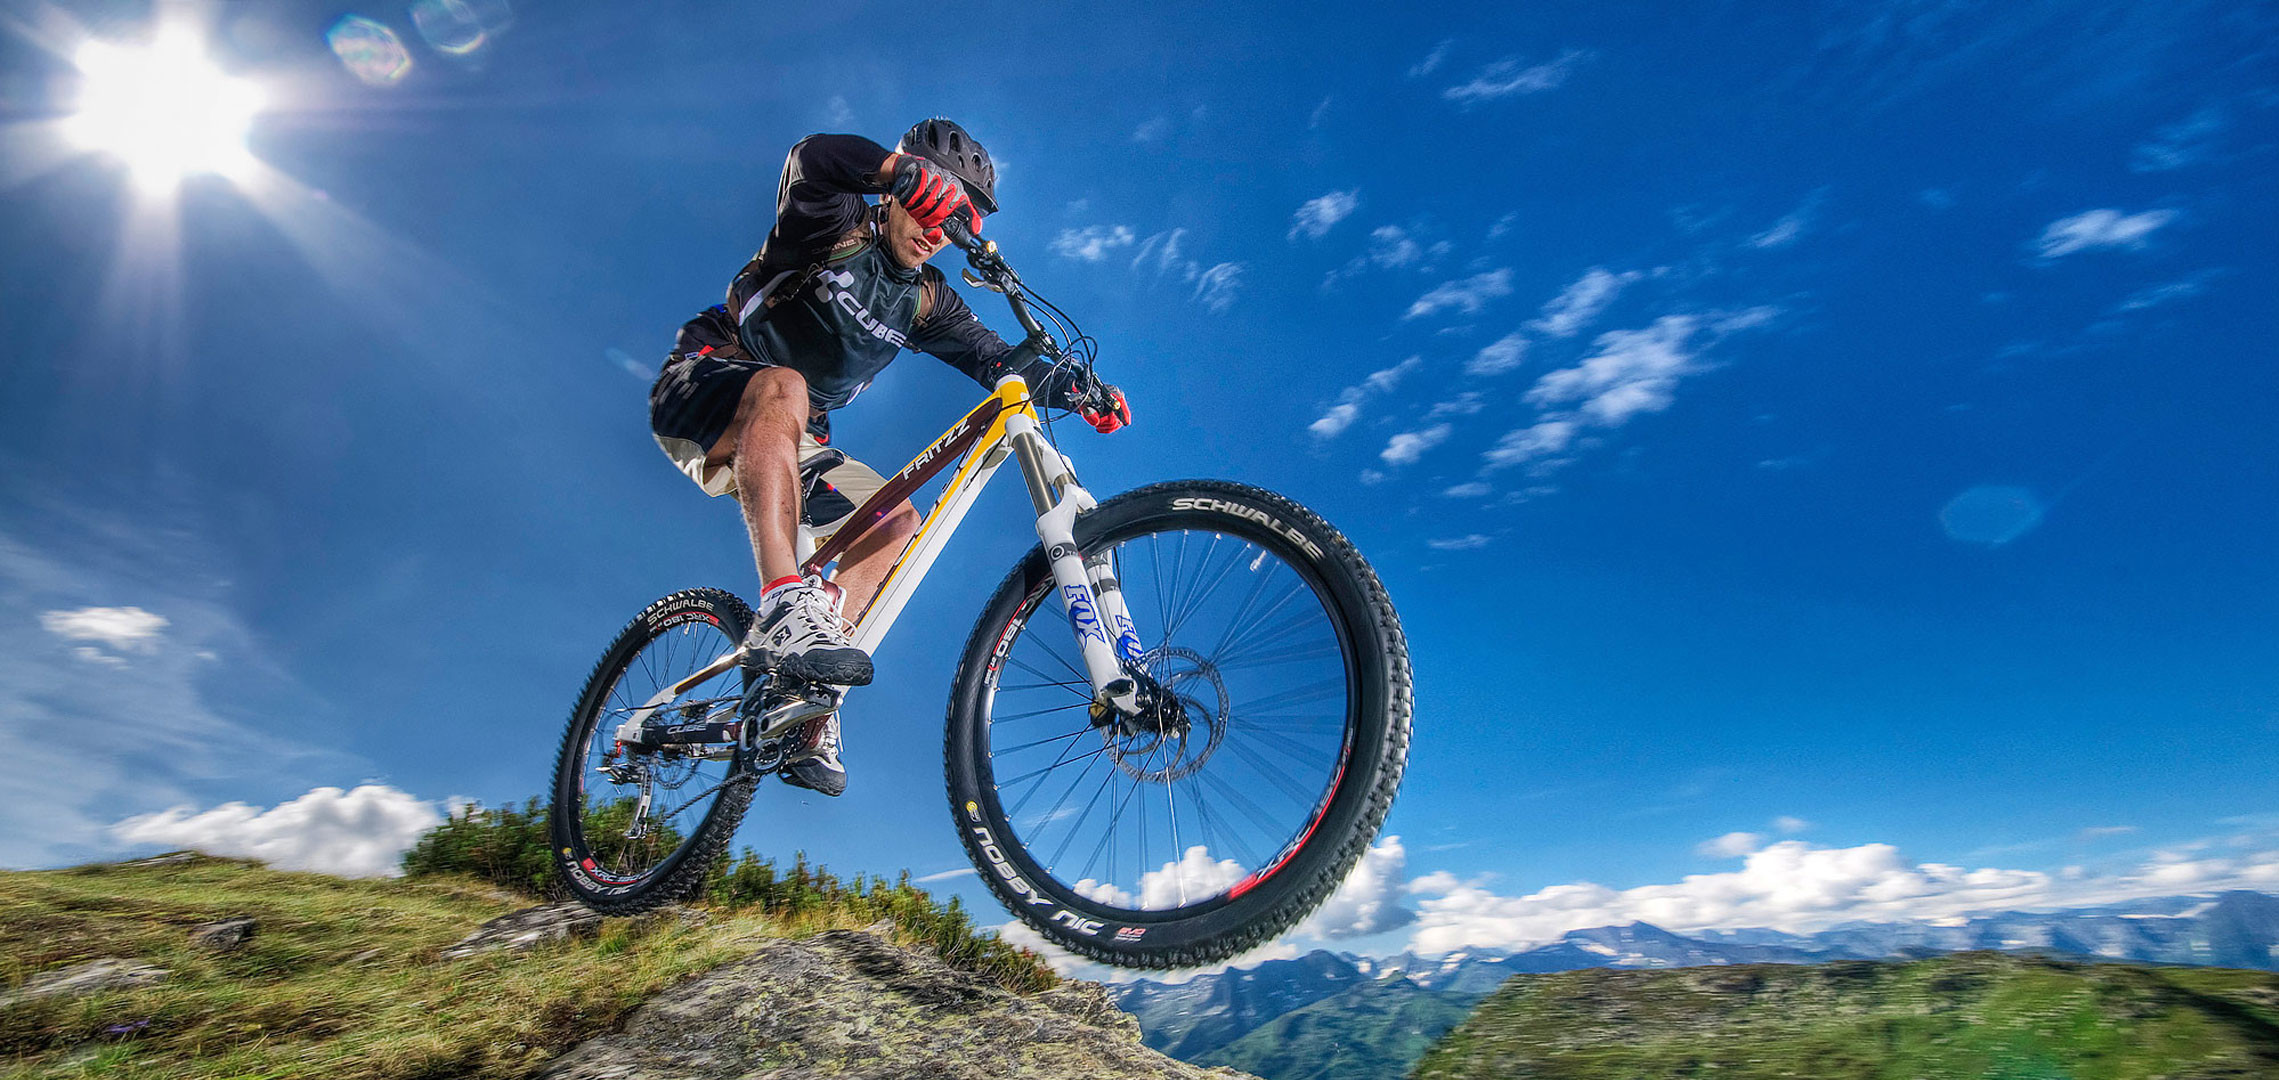 Mountain Bike wallpaper HD. Free desktop background 2016 in .